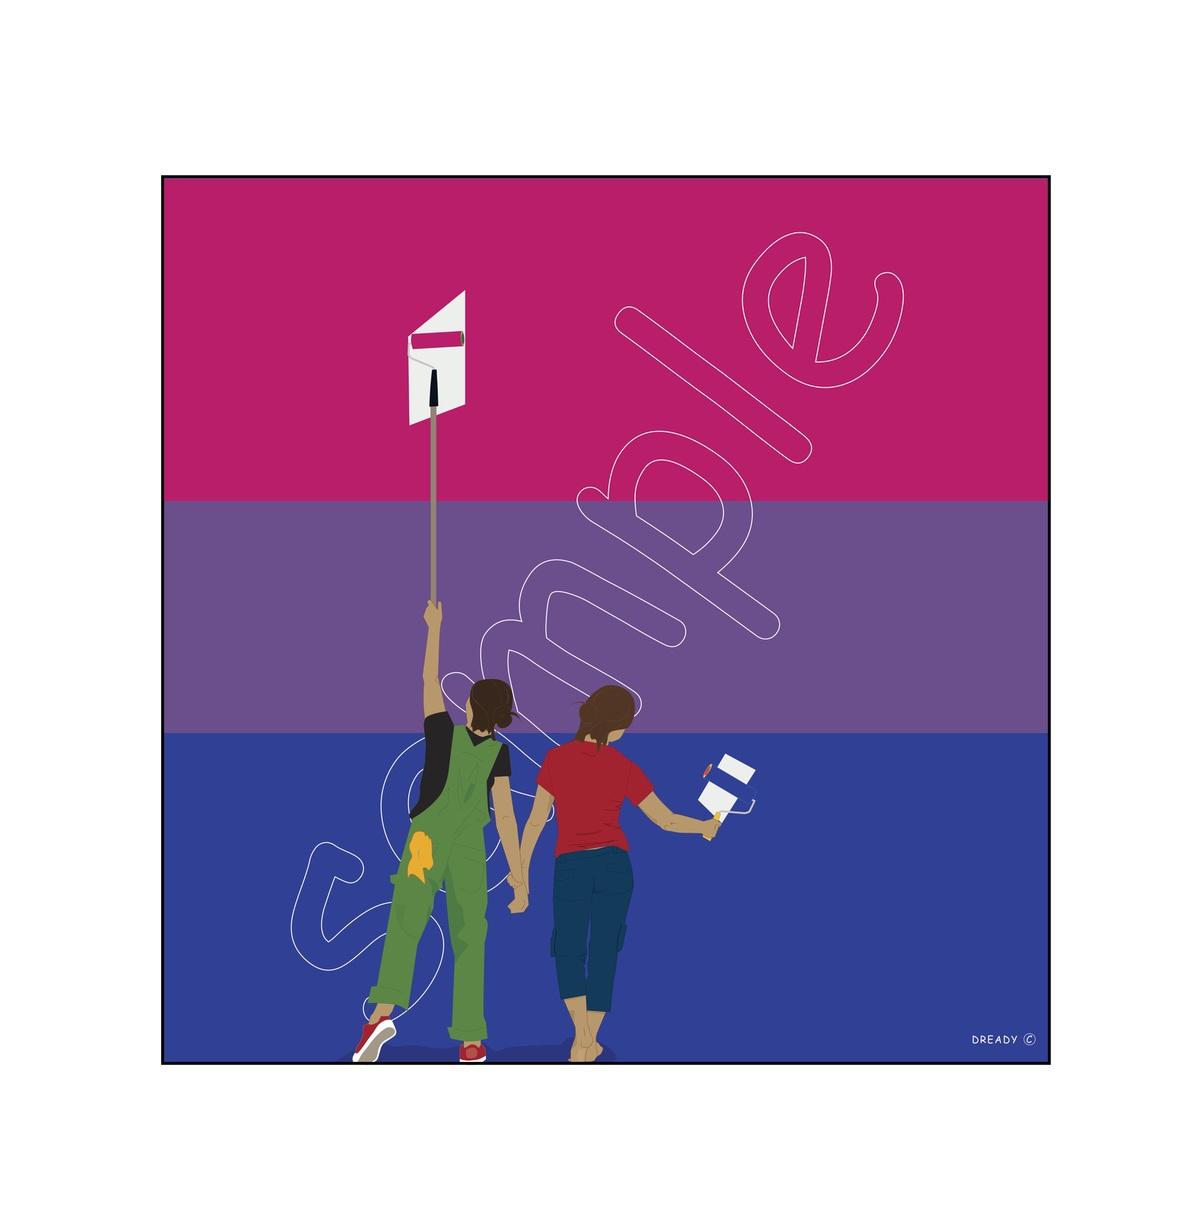 Dready, Dready Art and Everything Dready dready painting the flag 26x26 1